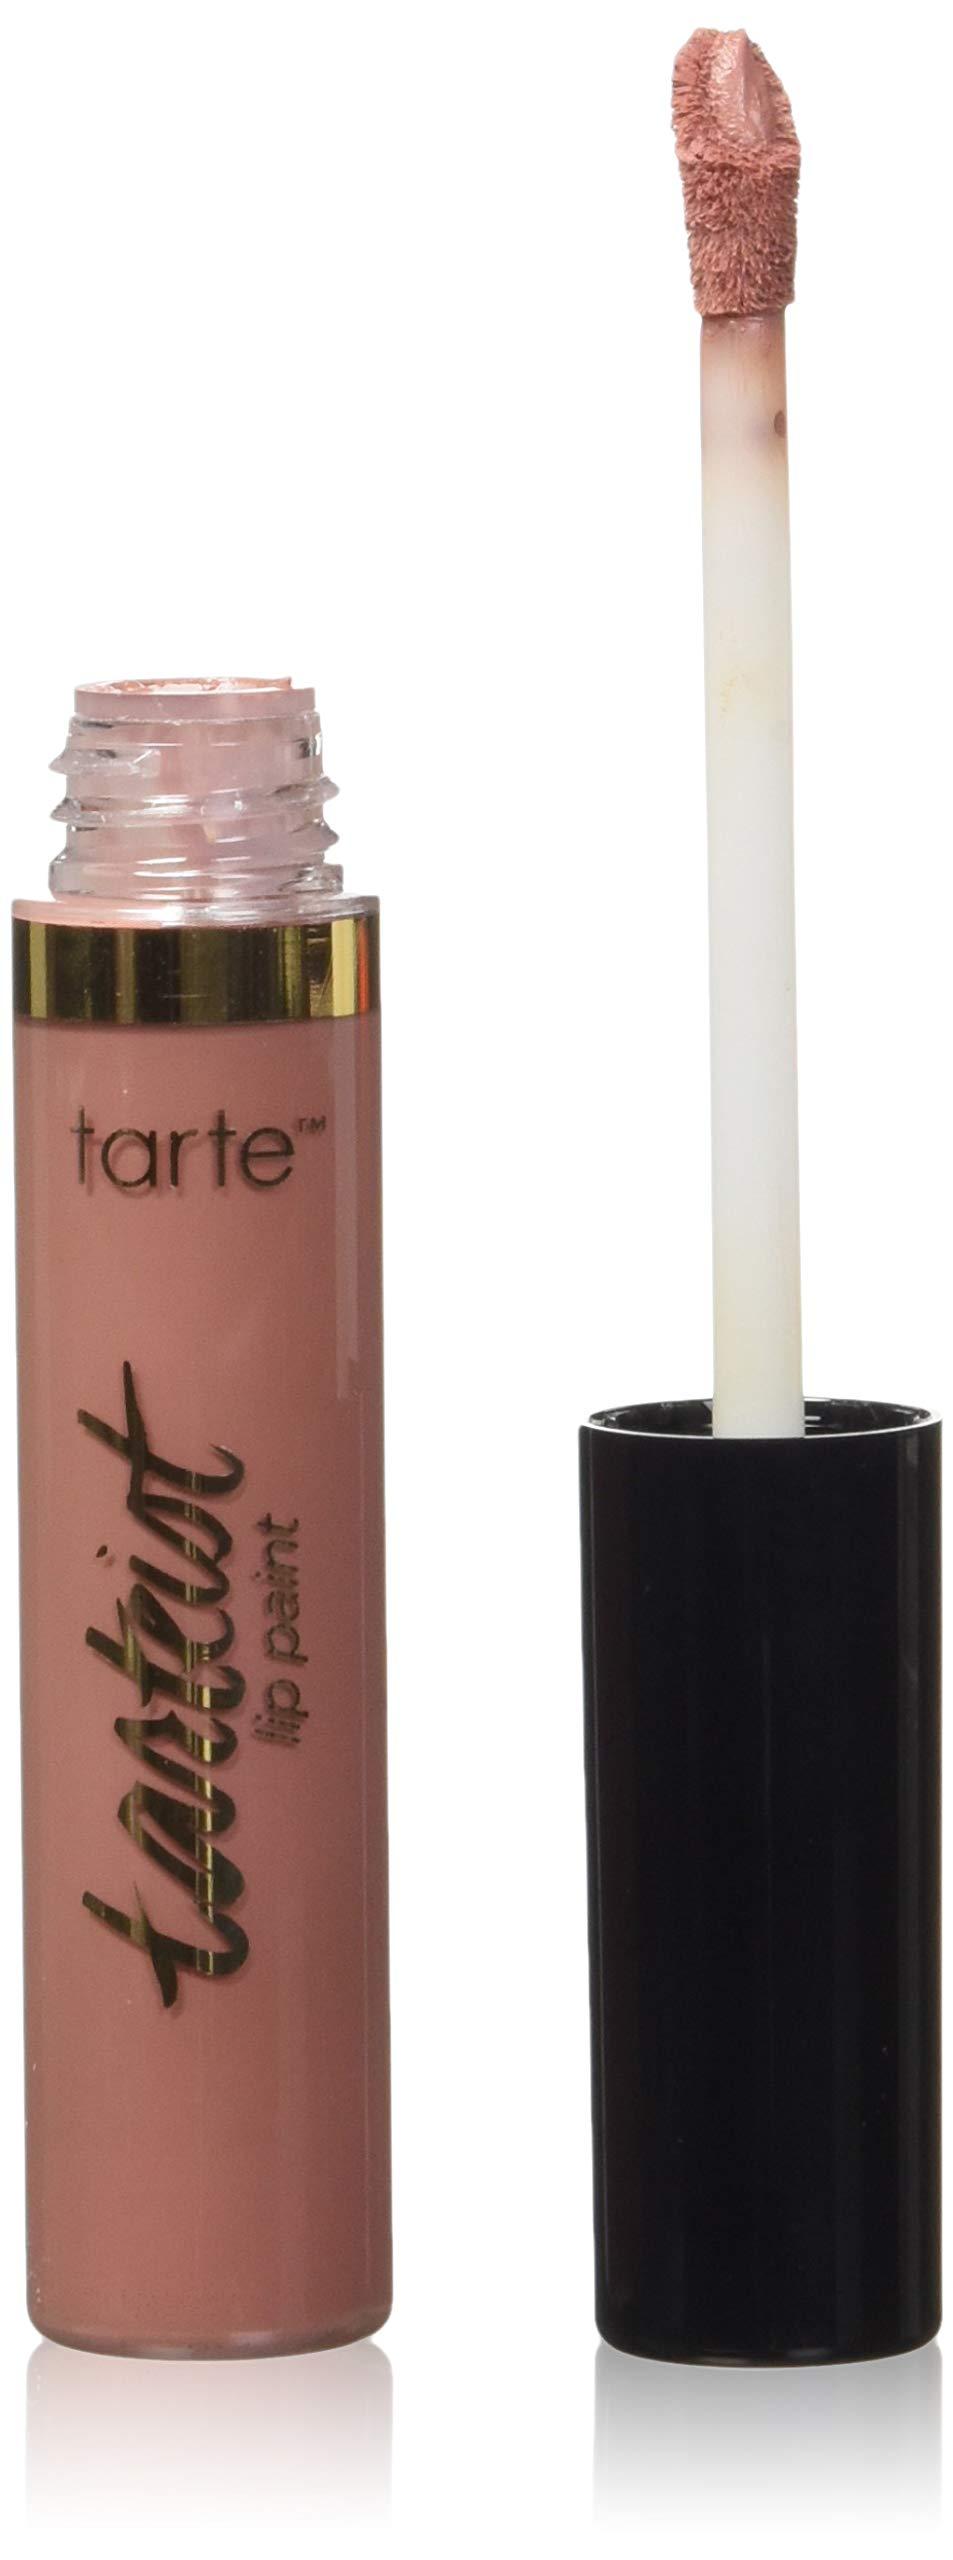 Tarte - Tarteist Creamy Matte Lip Paint (Birthday Suit)